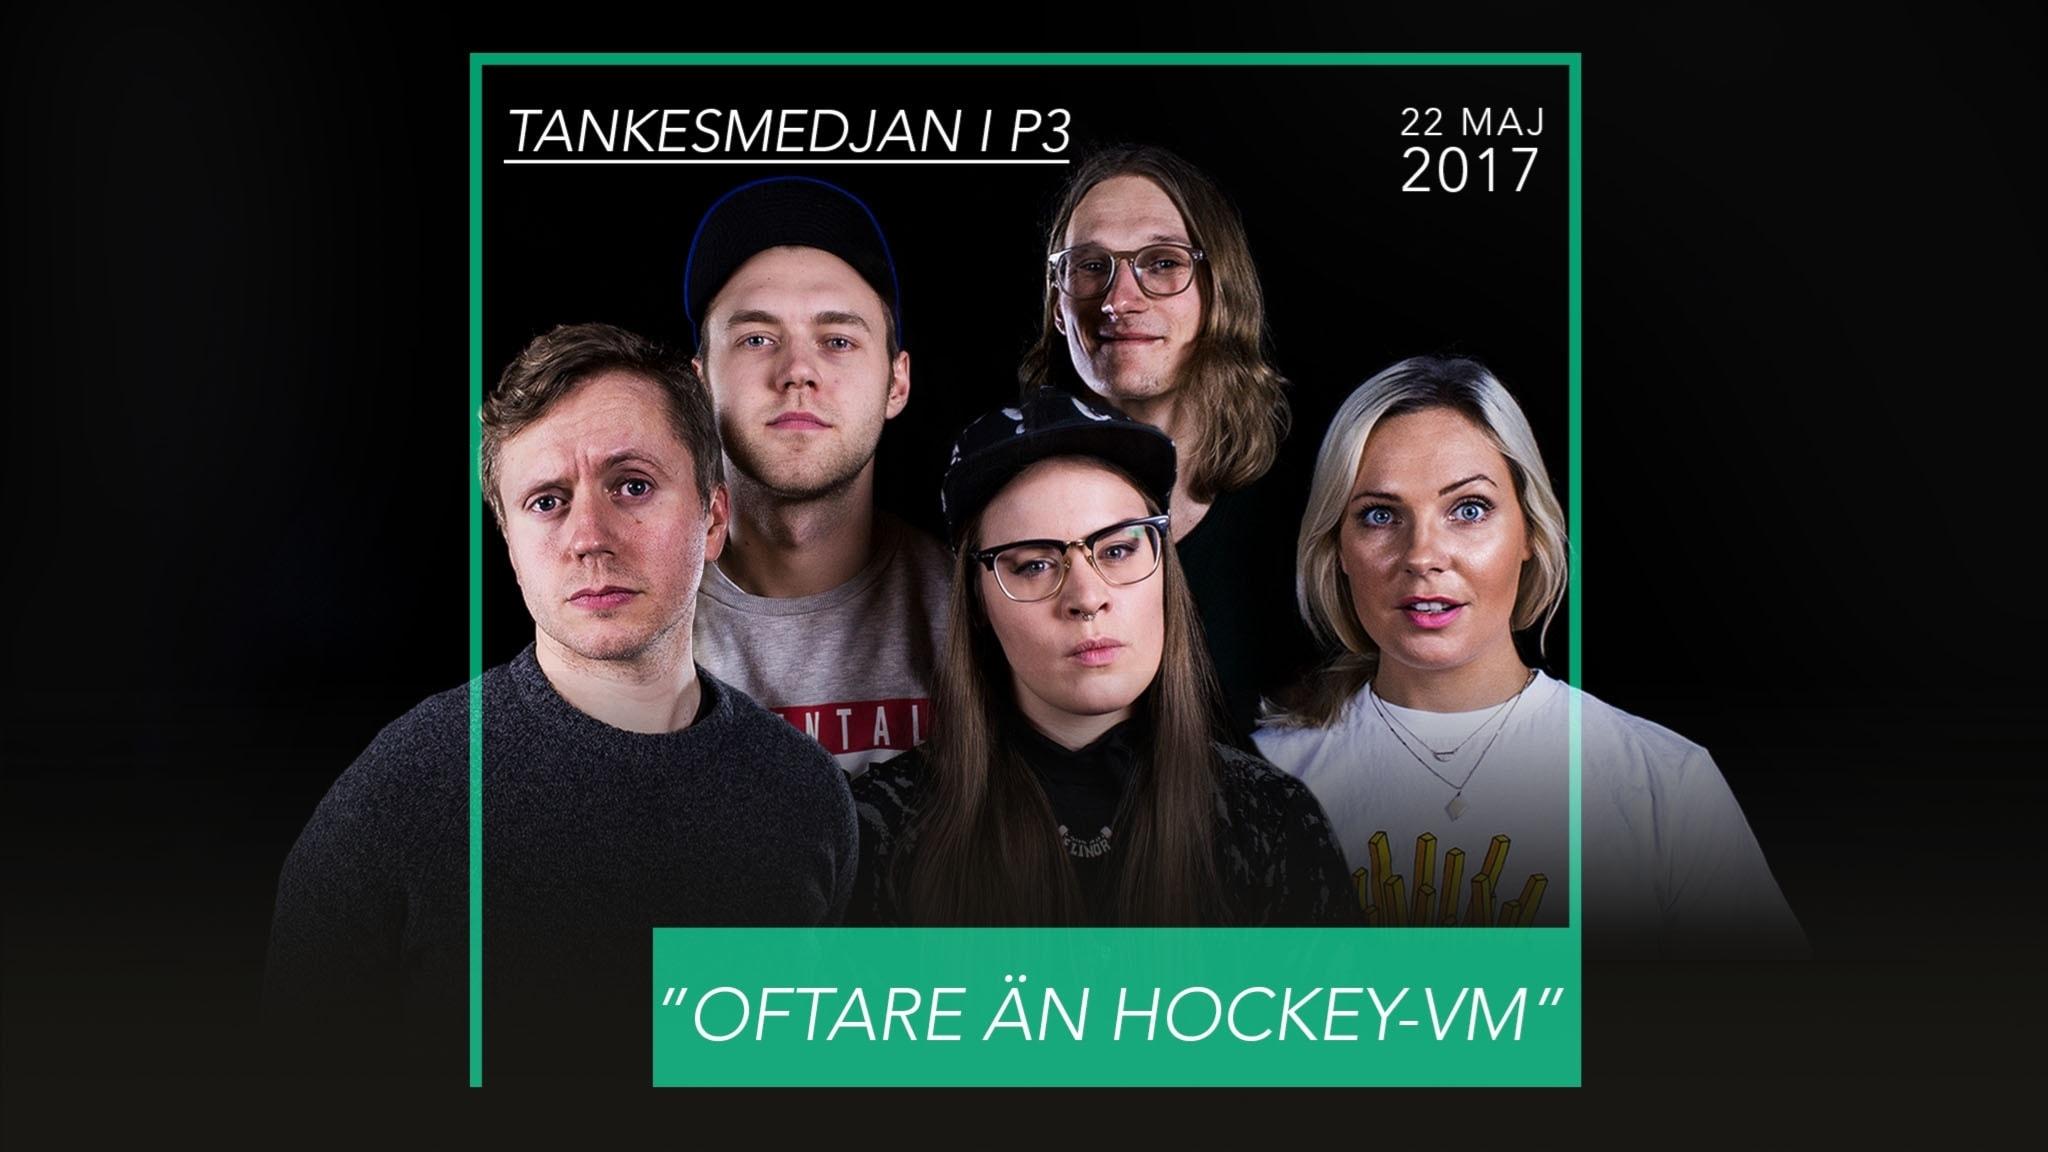 Oftare än hockey-VM